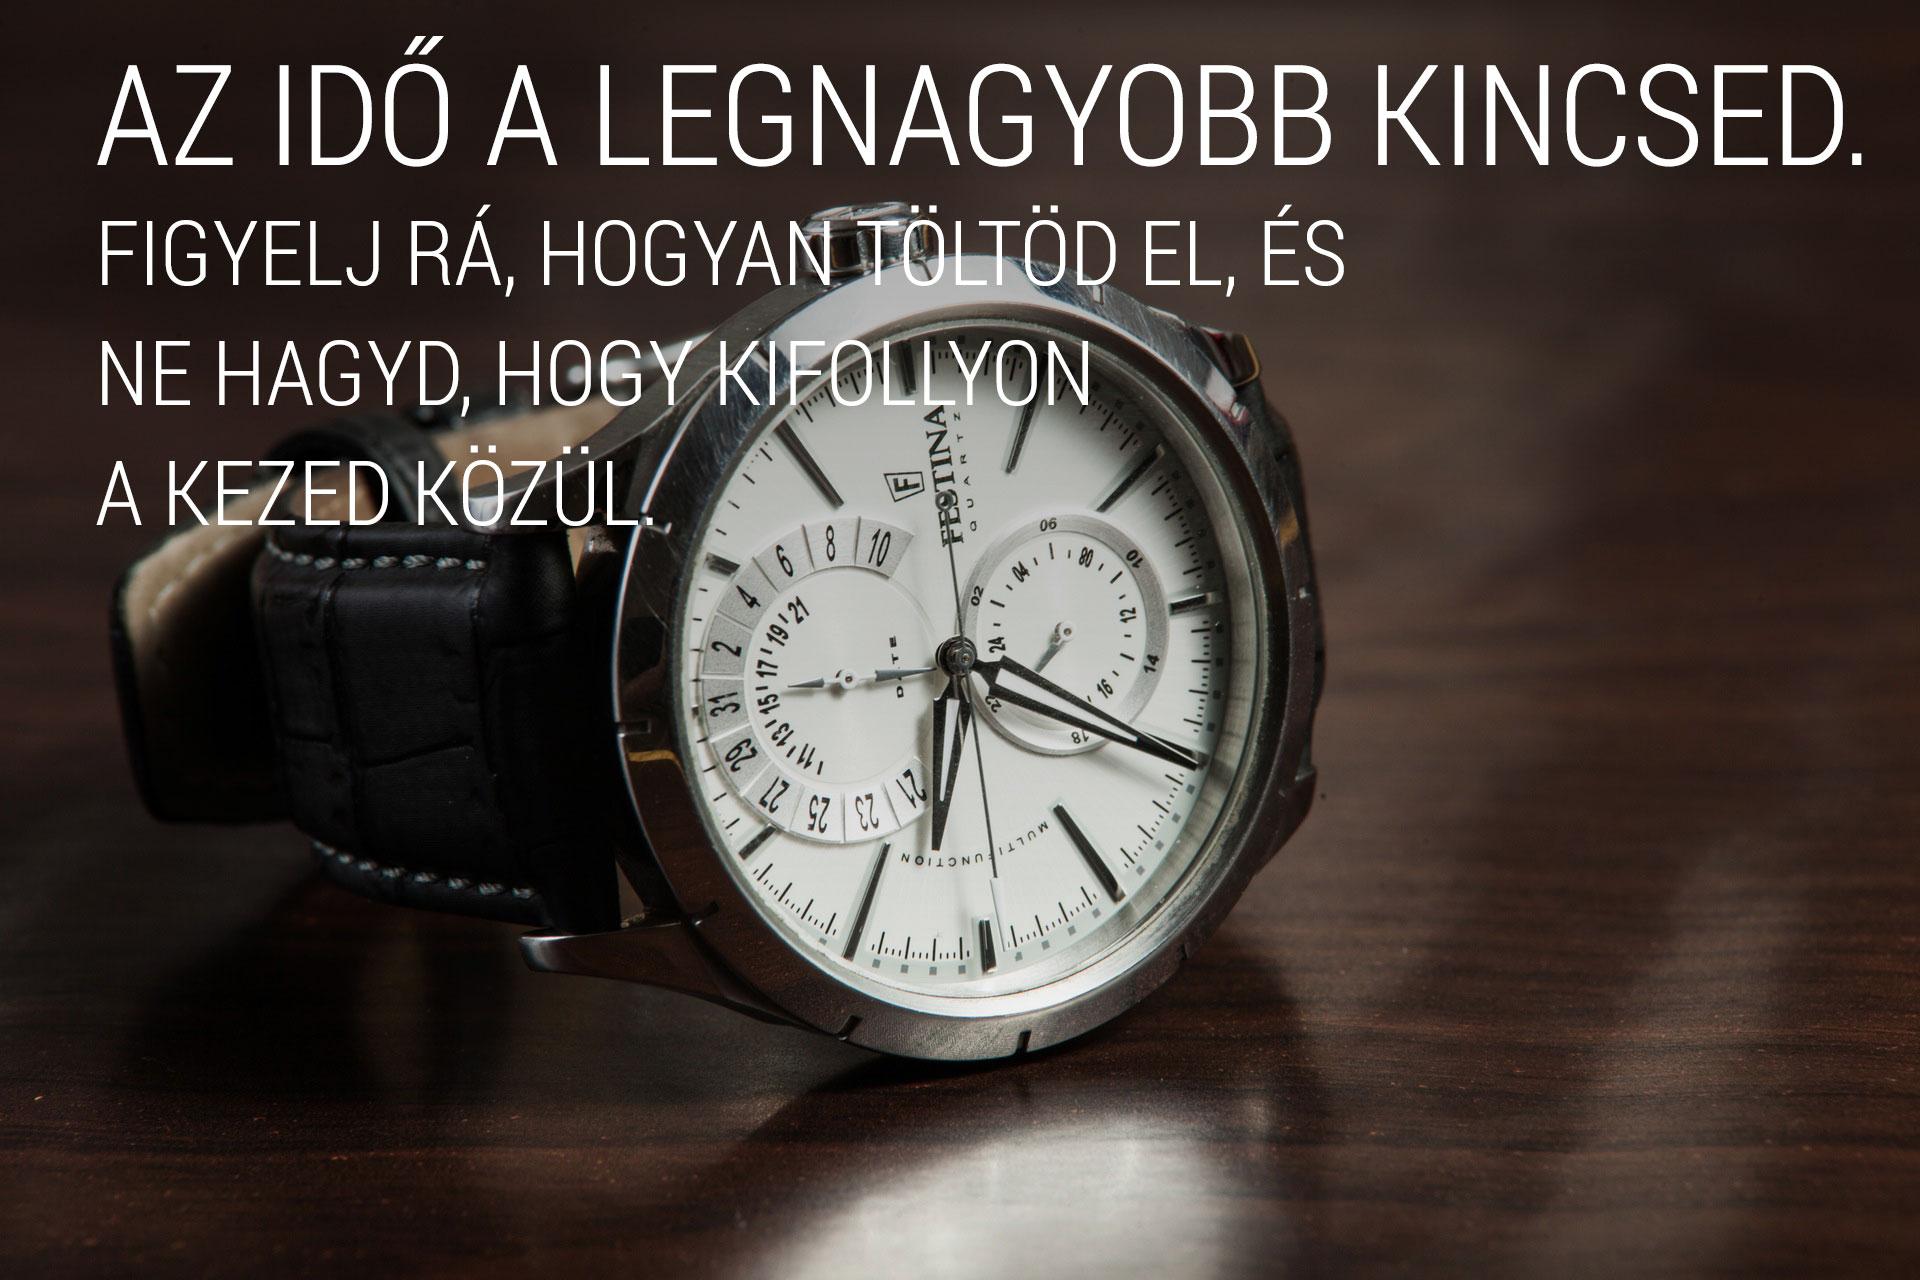 Az idő a legnagyobb kincsed